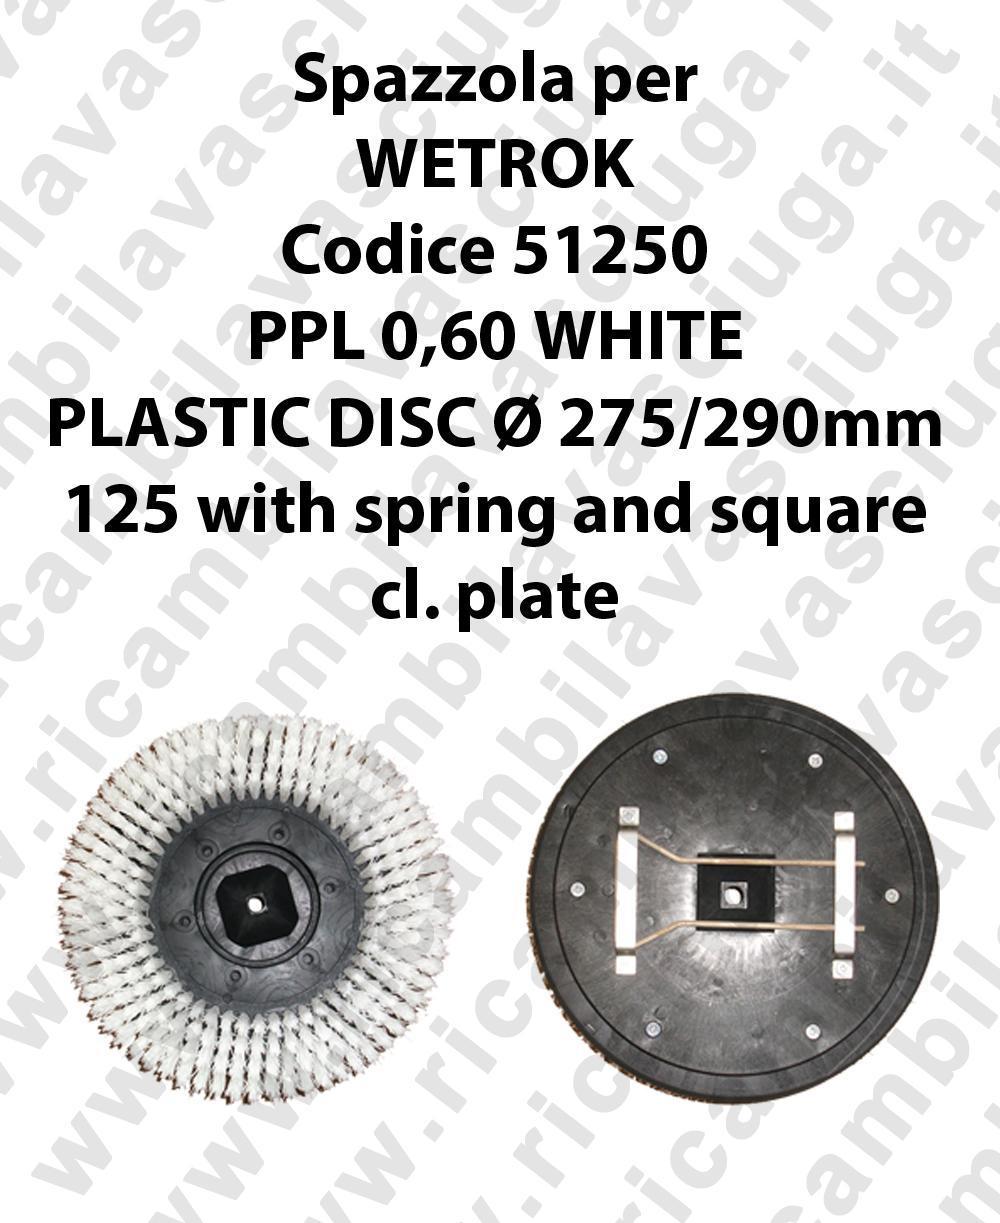 BROSSE A LAVER PPL 0,60 WHITE pour autolaveuses WETROK code 51250